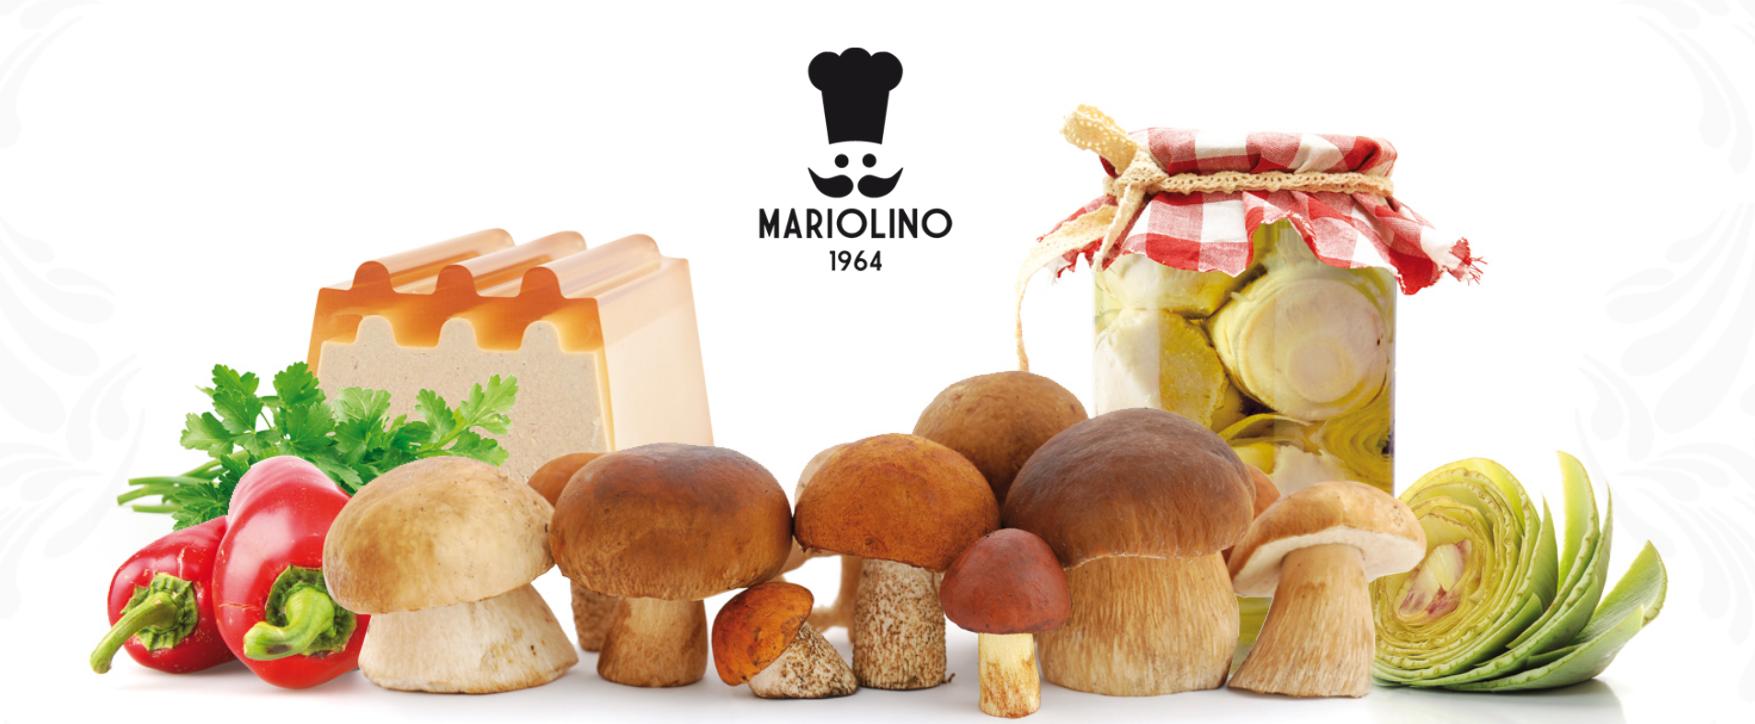 Mariolino-sughi588f46db86a08